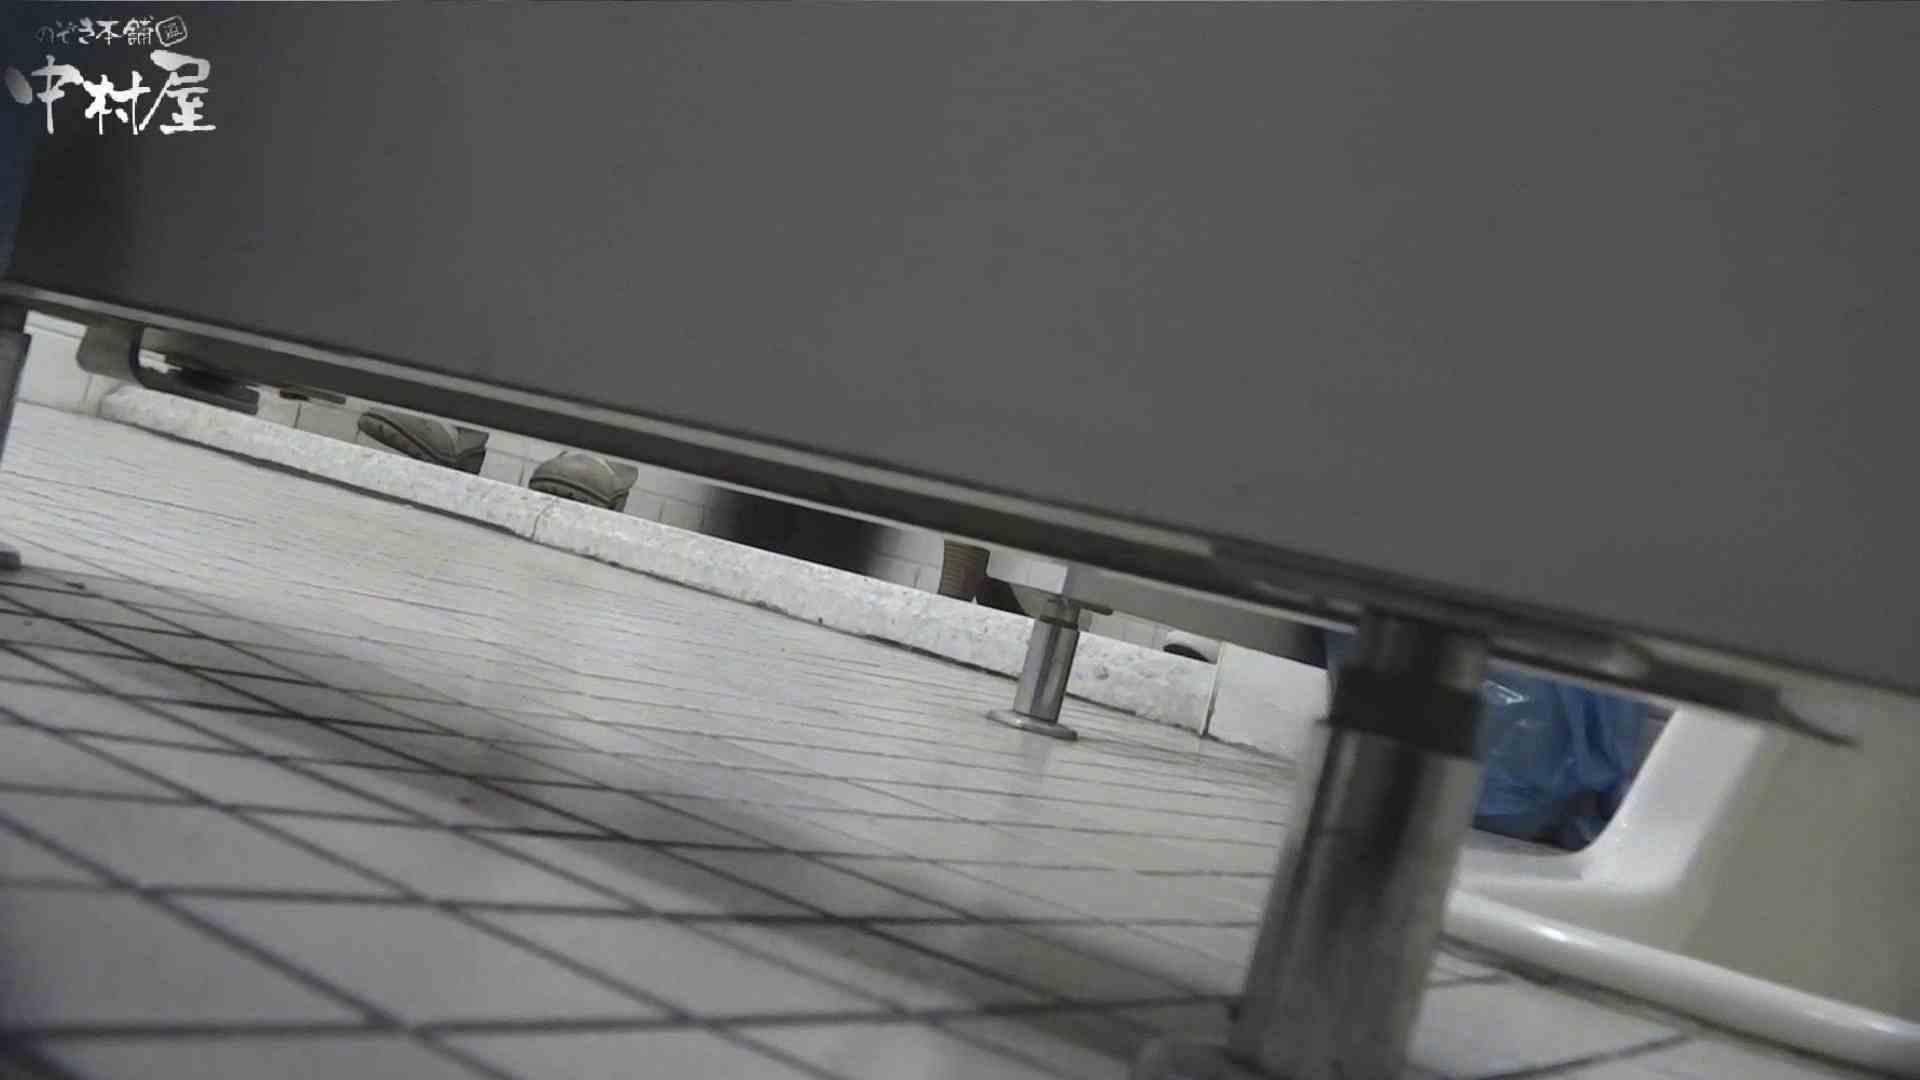 vol.39 命がけ潜伏洗面所! ヲケツ 洗面所 AV動画キャプチャ 92pic 45